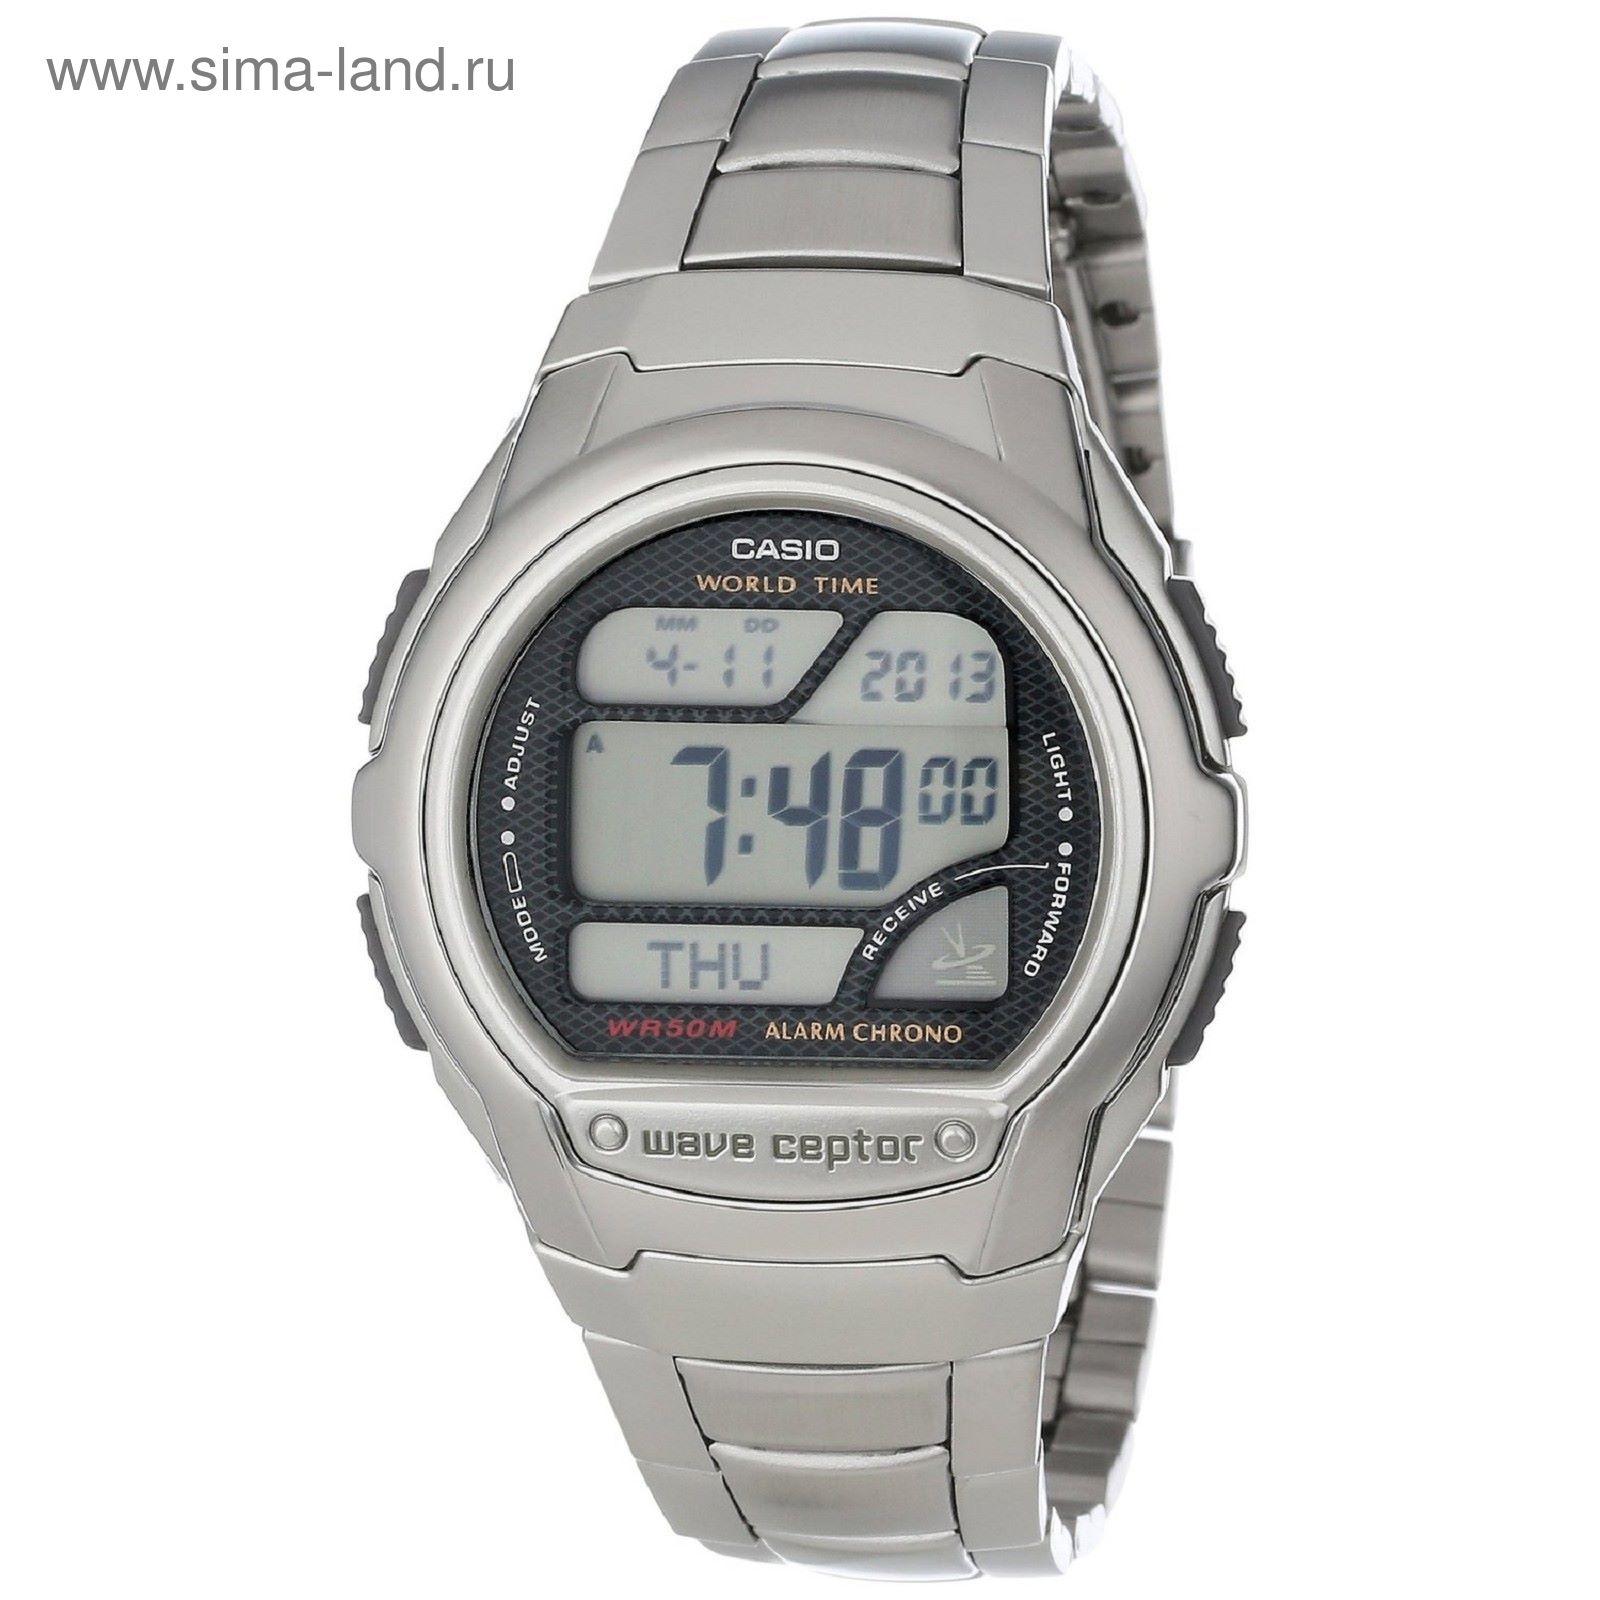 Часы наручные мужские CASIO WV-58DE-1A (1739512) - Купить по цене от ... 00a055226ffa4